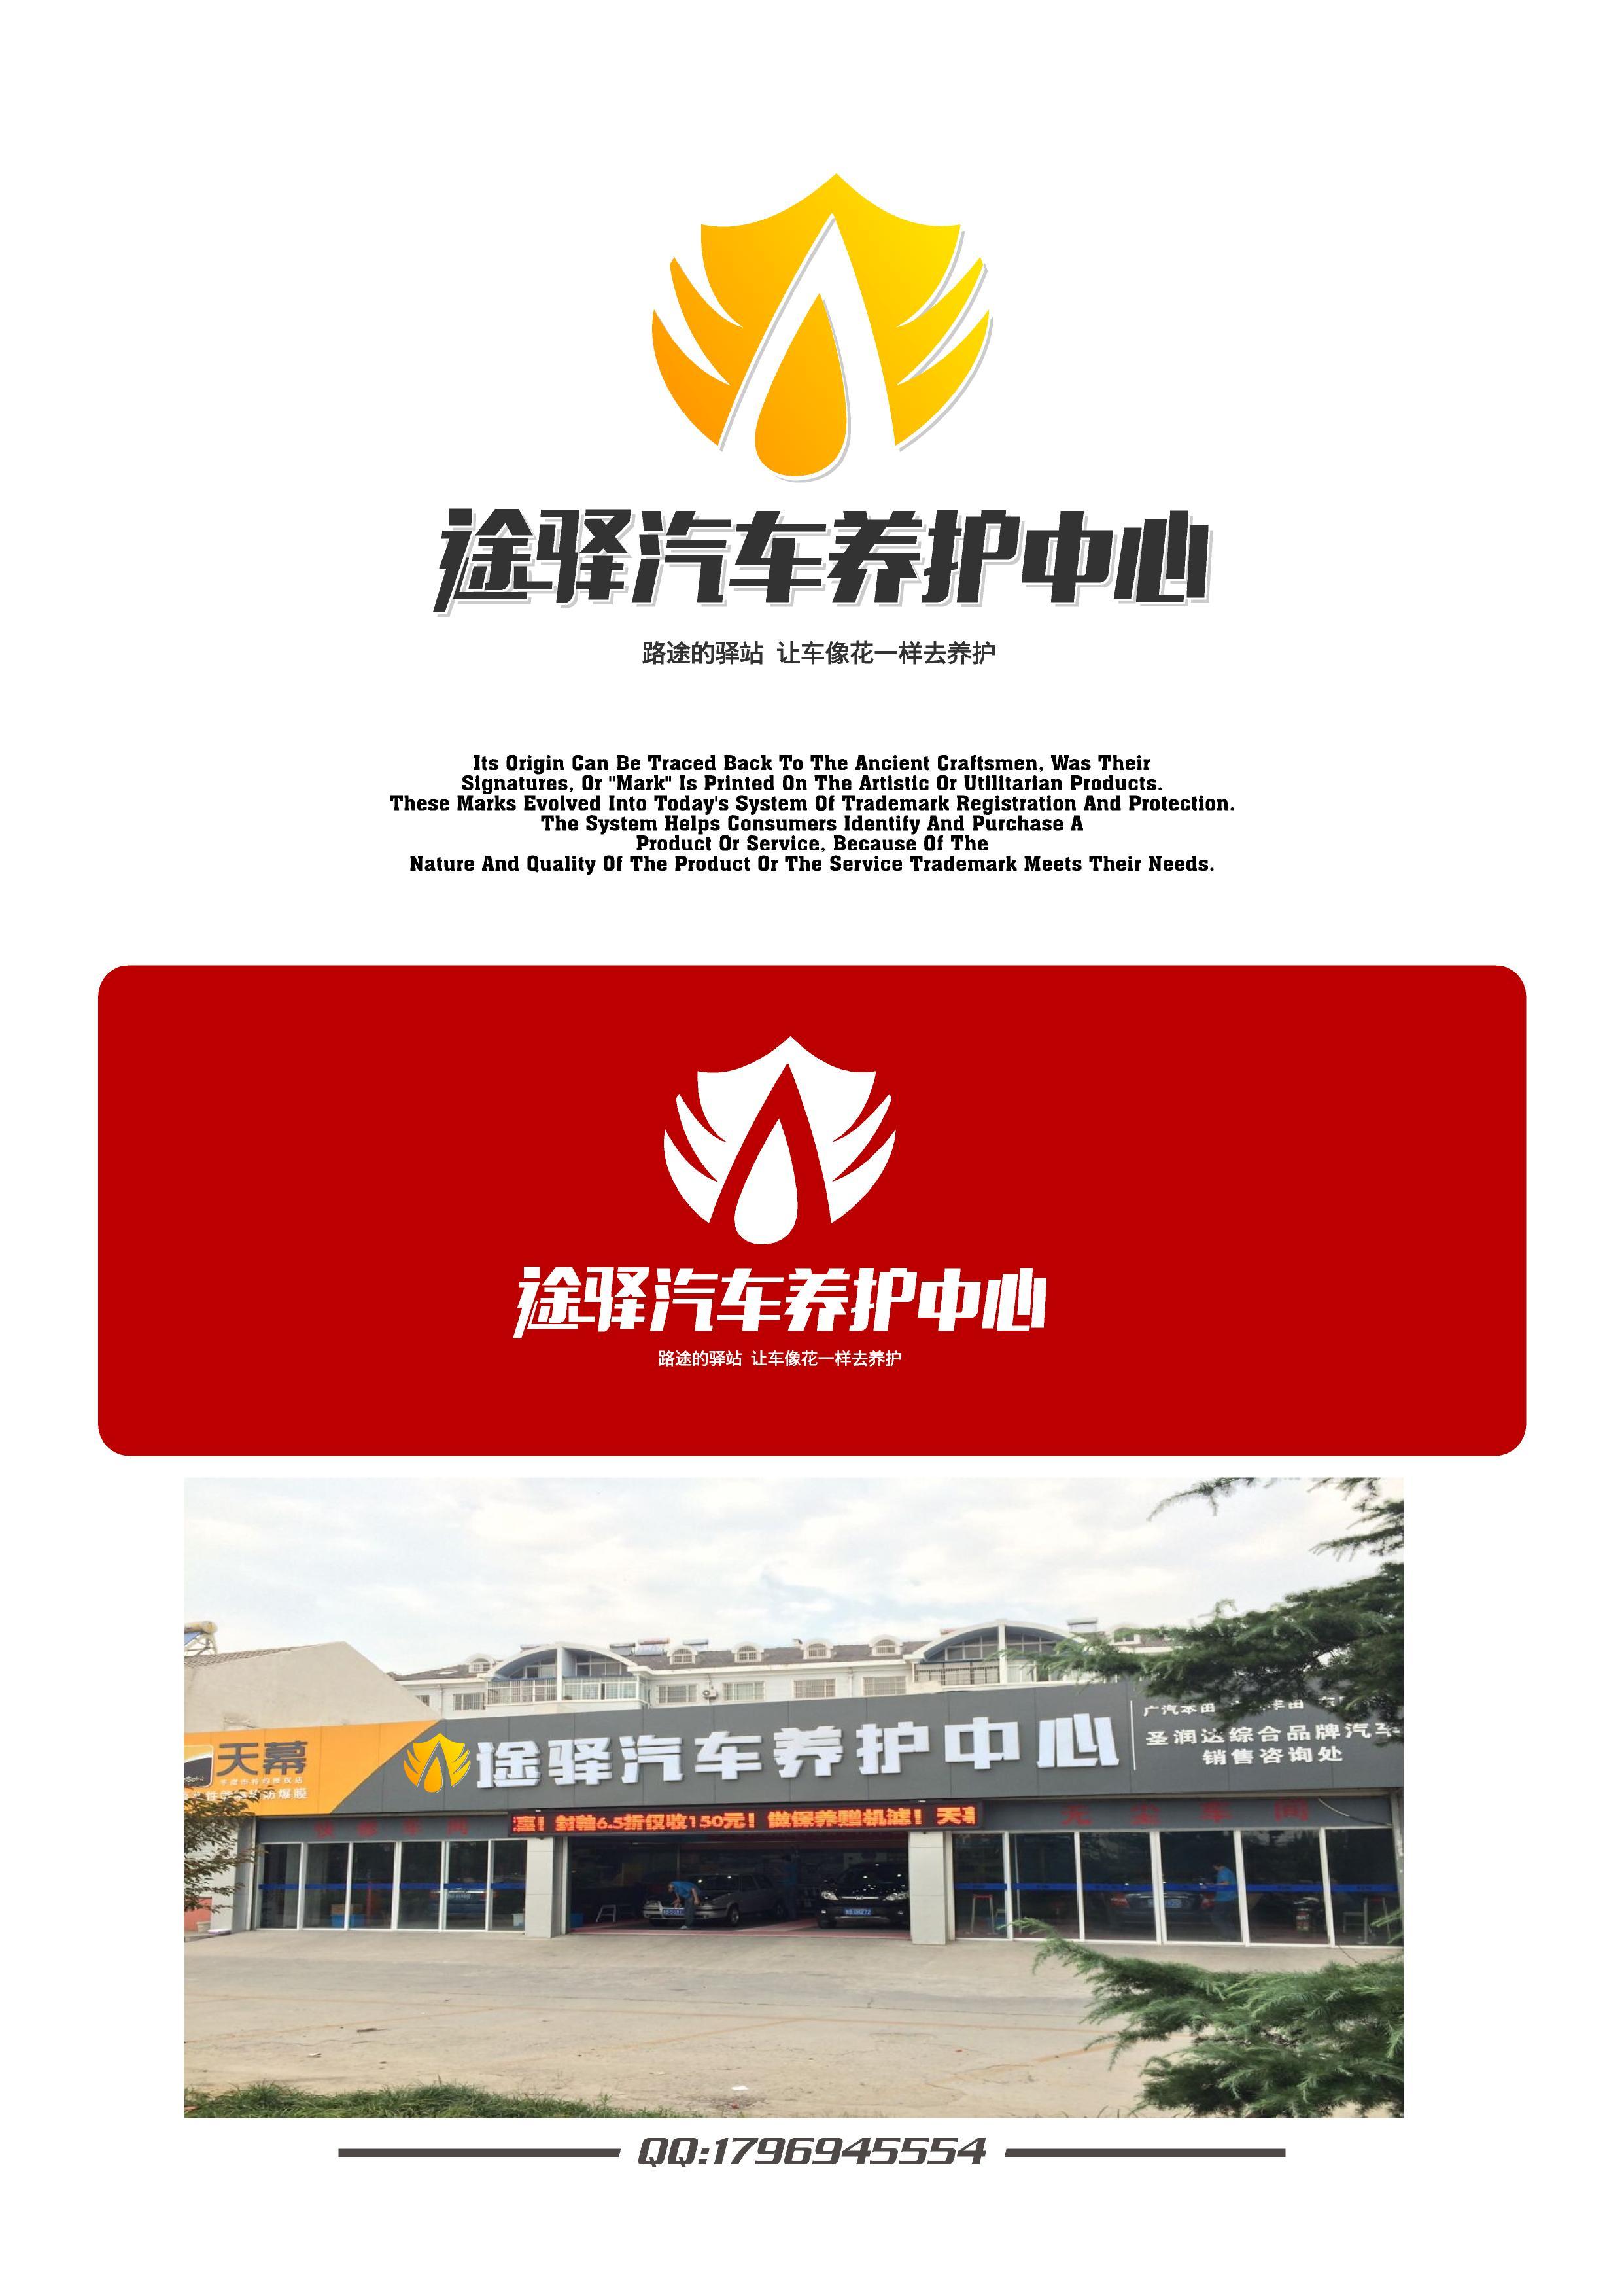 汽车养护中心logo设计